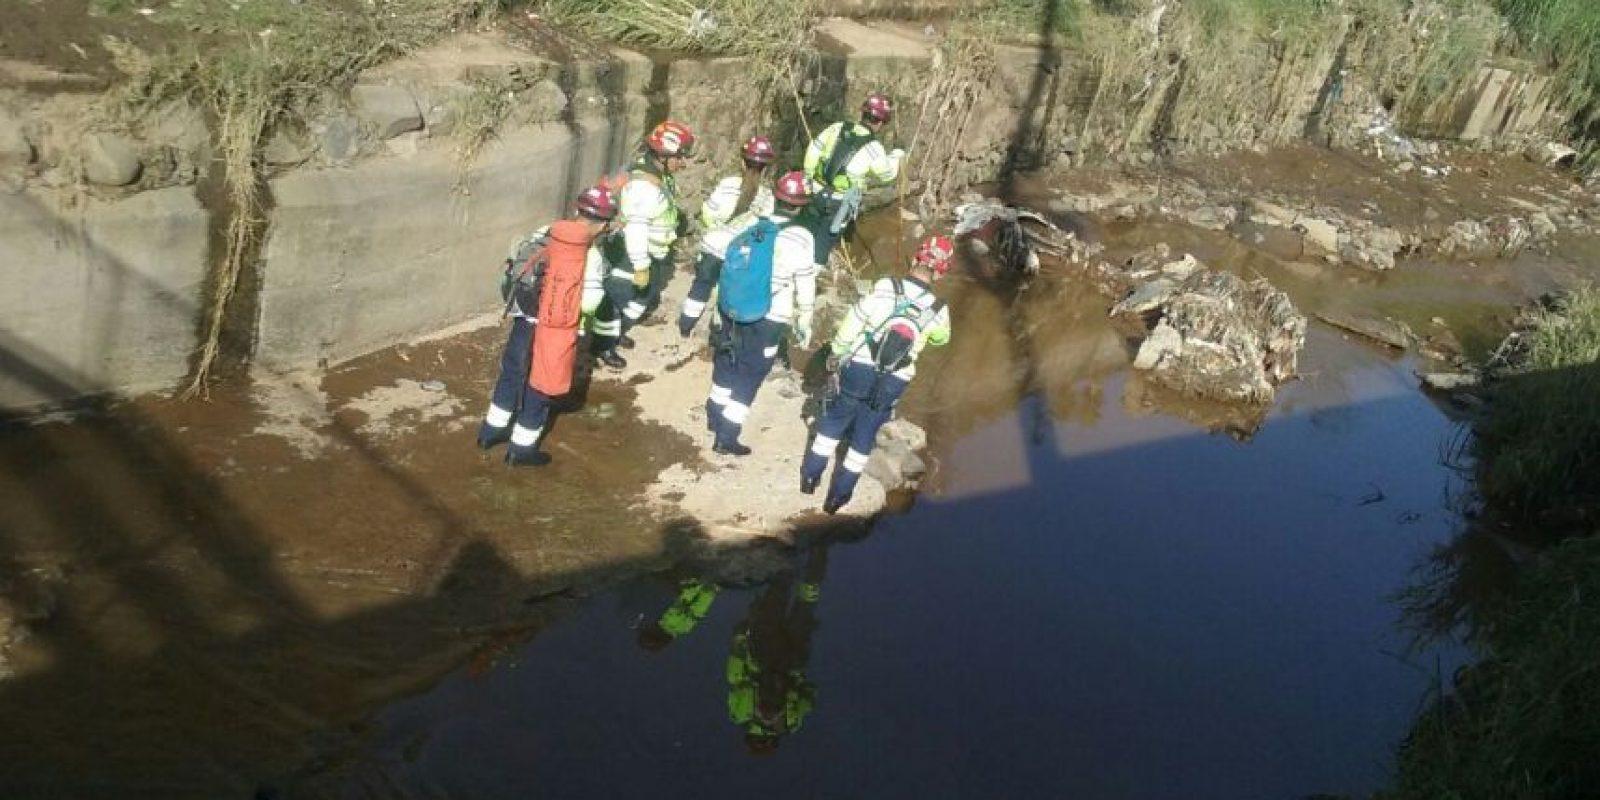 La patrulla de rescate busca en el río Platanitos. Foto:Bomberos Municipales Departamentales